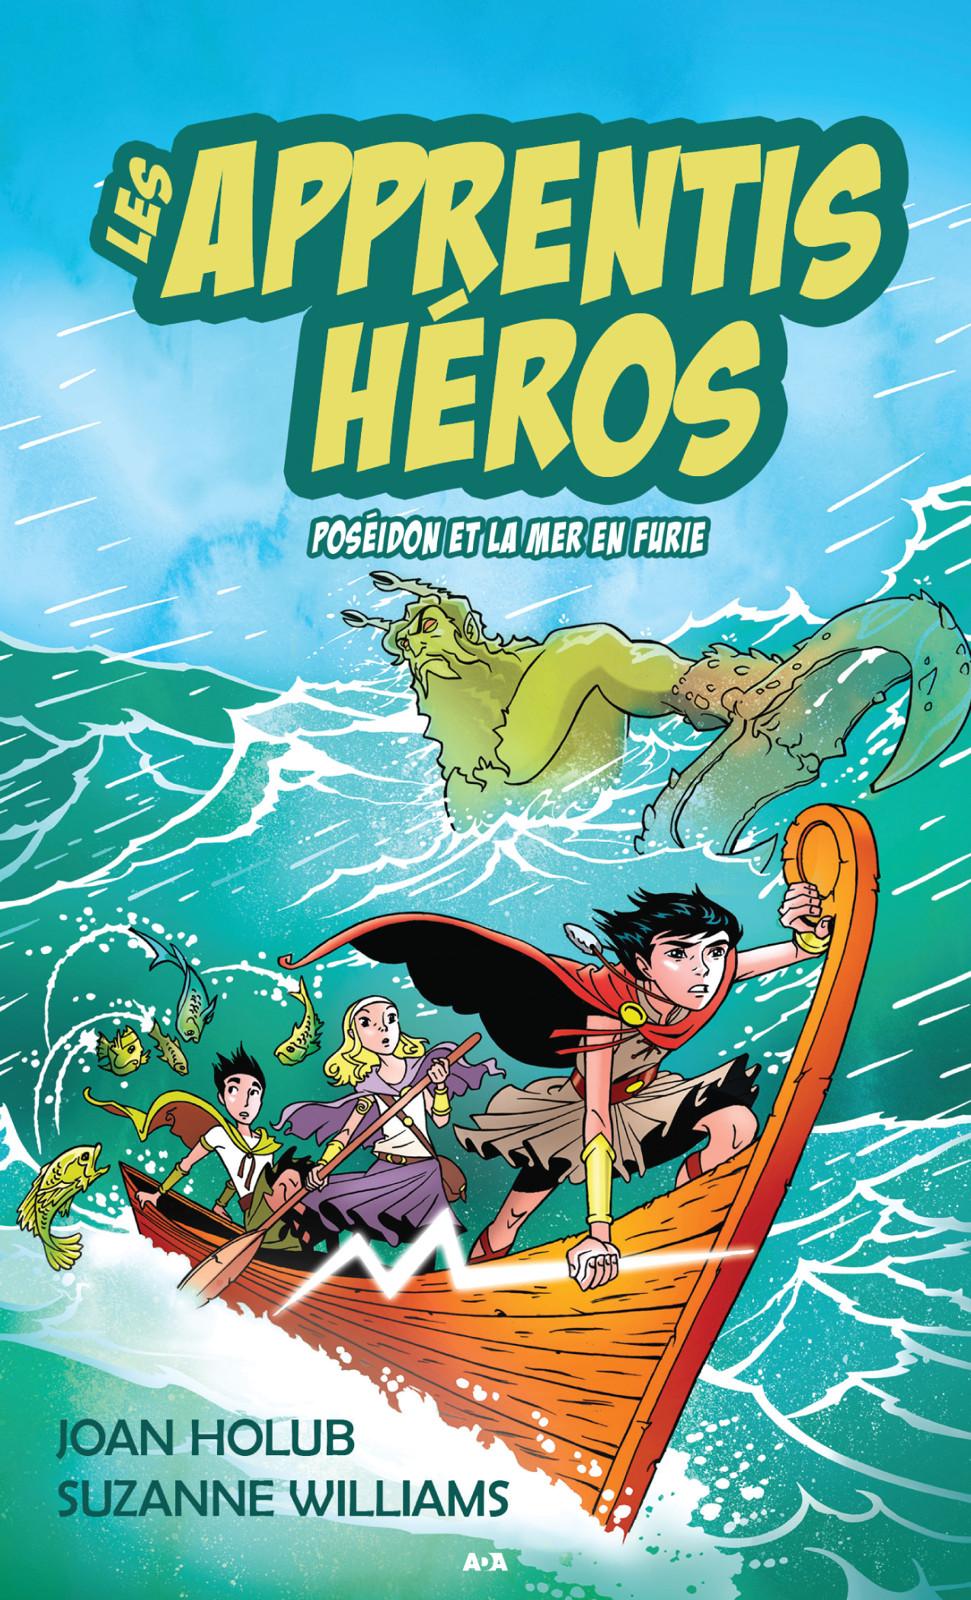 Les apprentis héros, Poseidon et la mer en furie